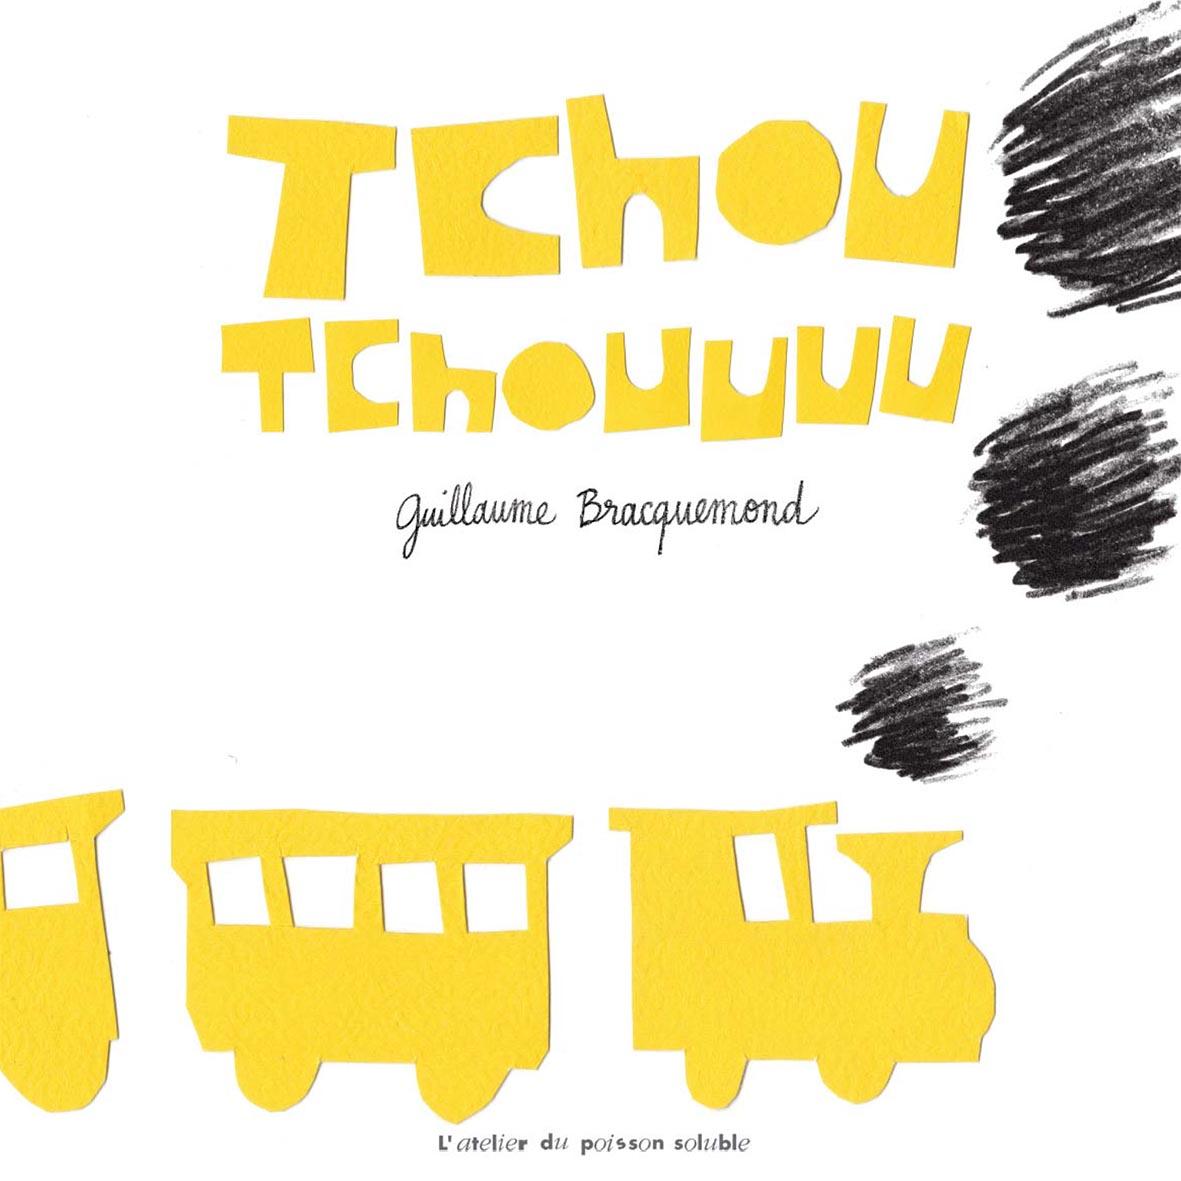 Tchou tchouuuu